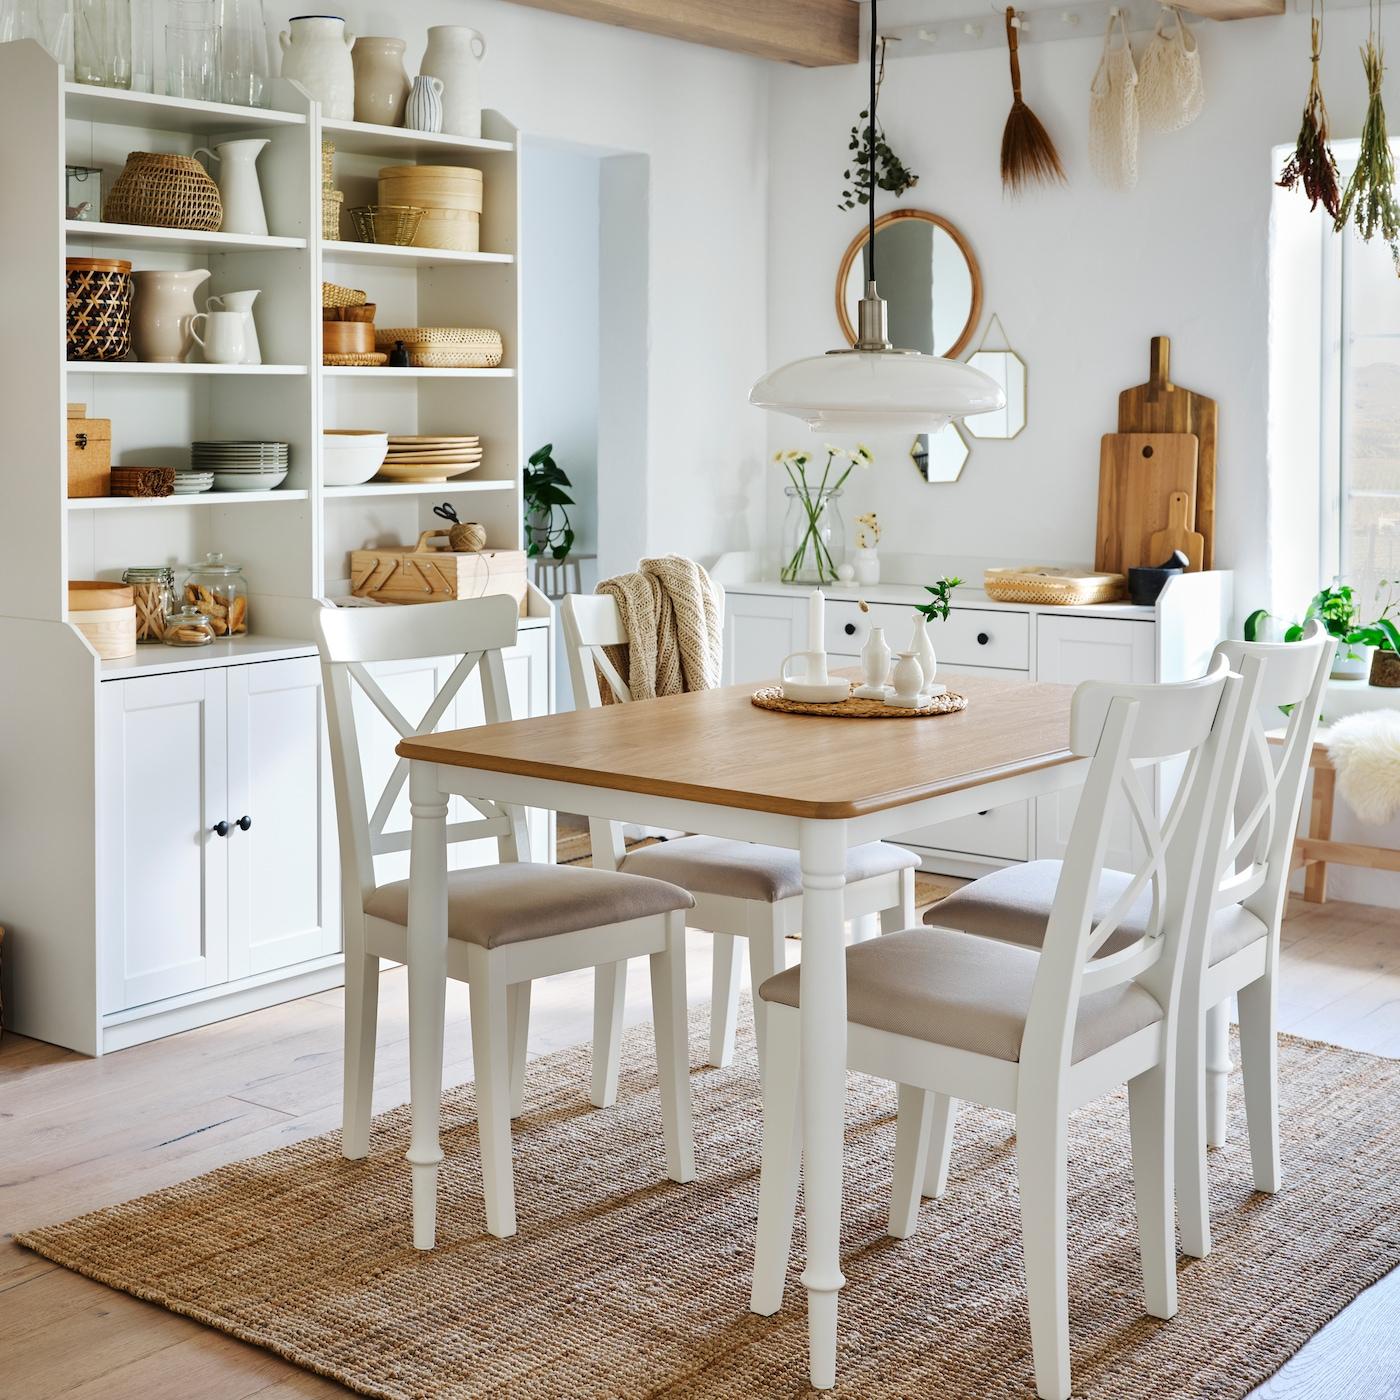 Jadalnia z białym stołem z dębowym blatem, czterema białymi krzesłami, jutowym dywanem i dwoma białymi, dwudrzwiowymi, wysokimi szafkami.